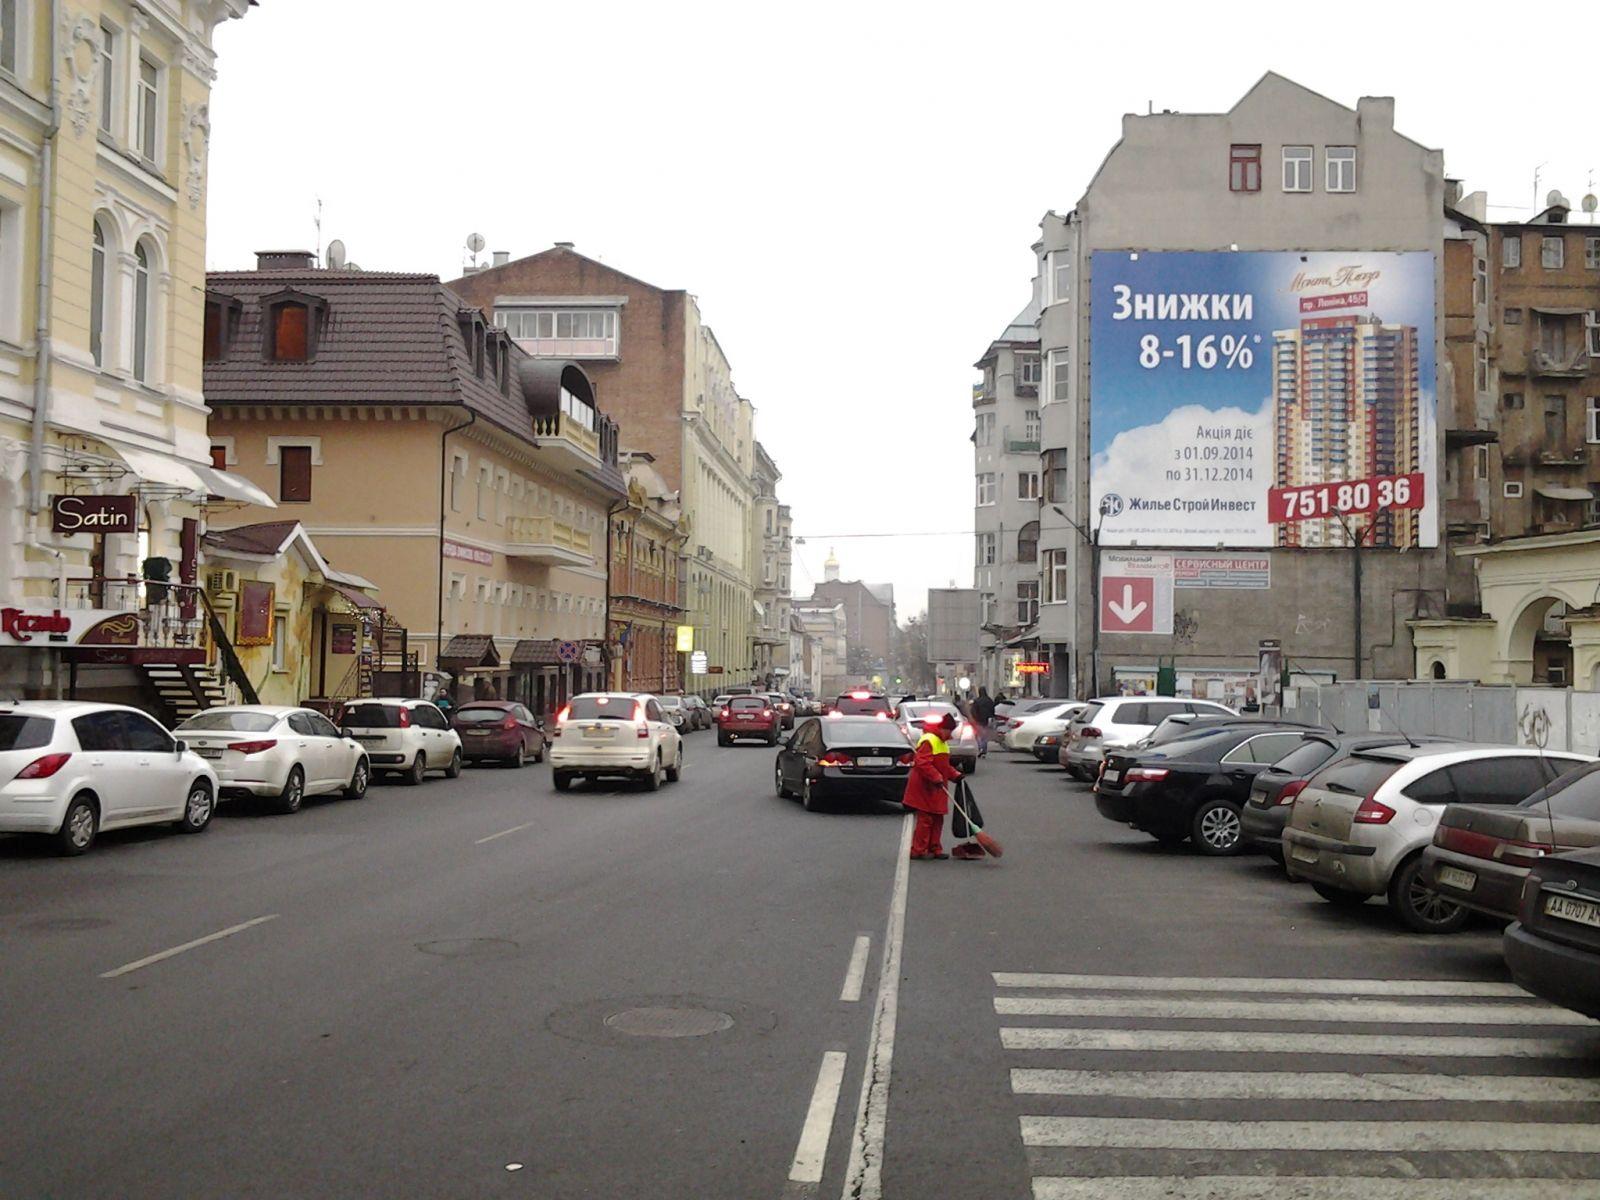 http://gx.net.ua/news_images/1510685827.jpg